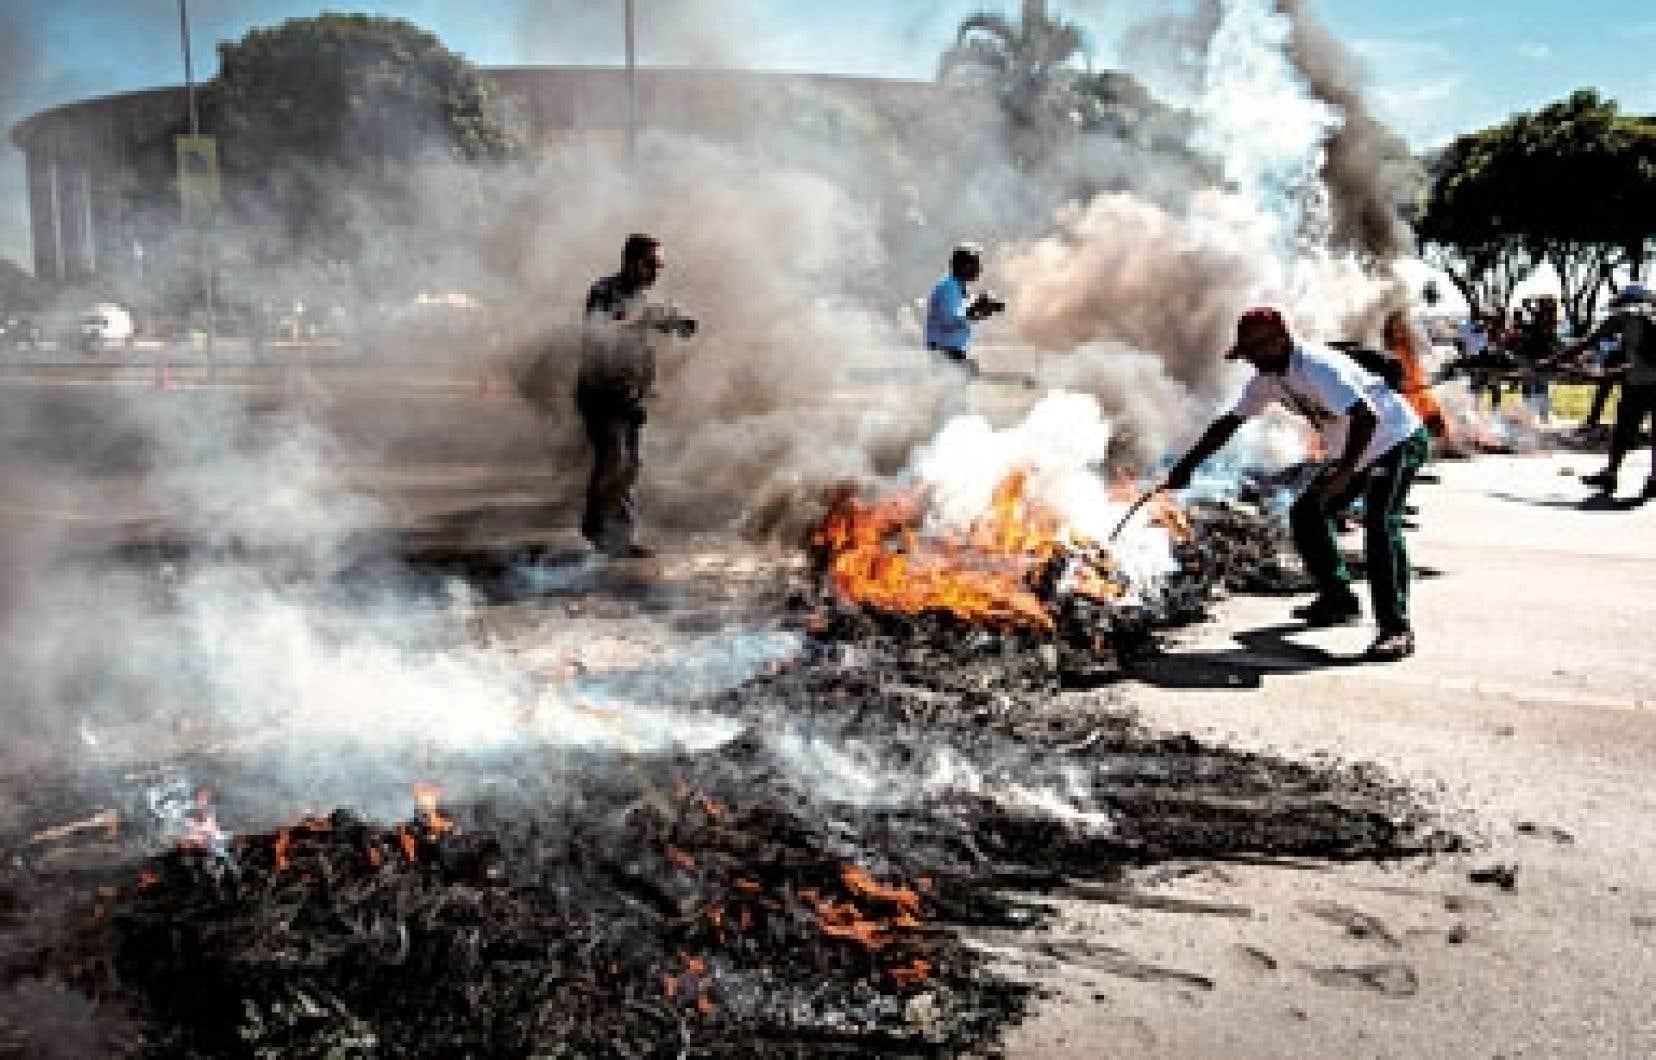 <div> Des protestataires ont mis le feu à des pneus à Brasilia.</div>